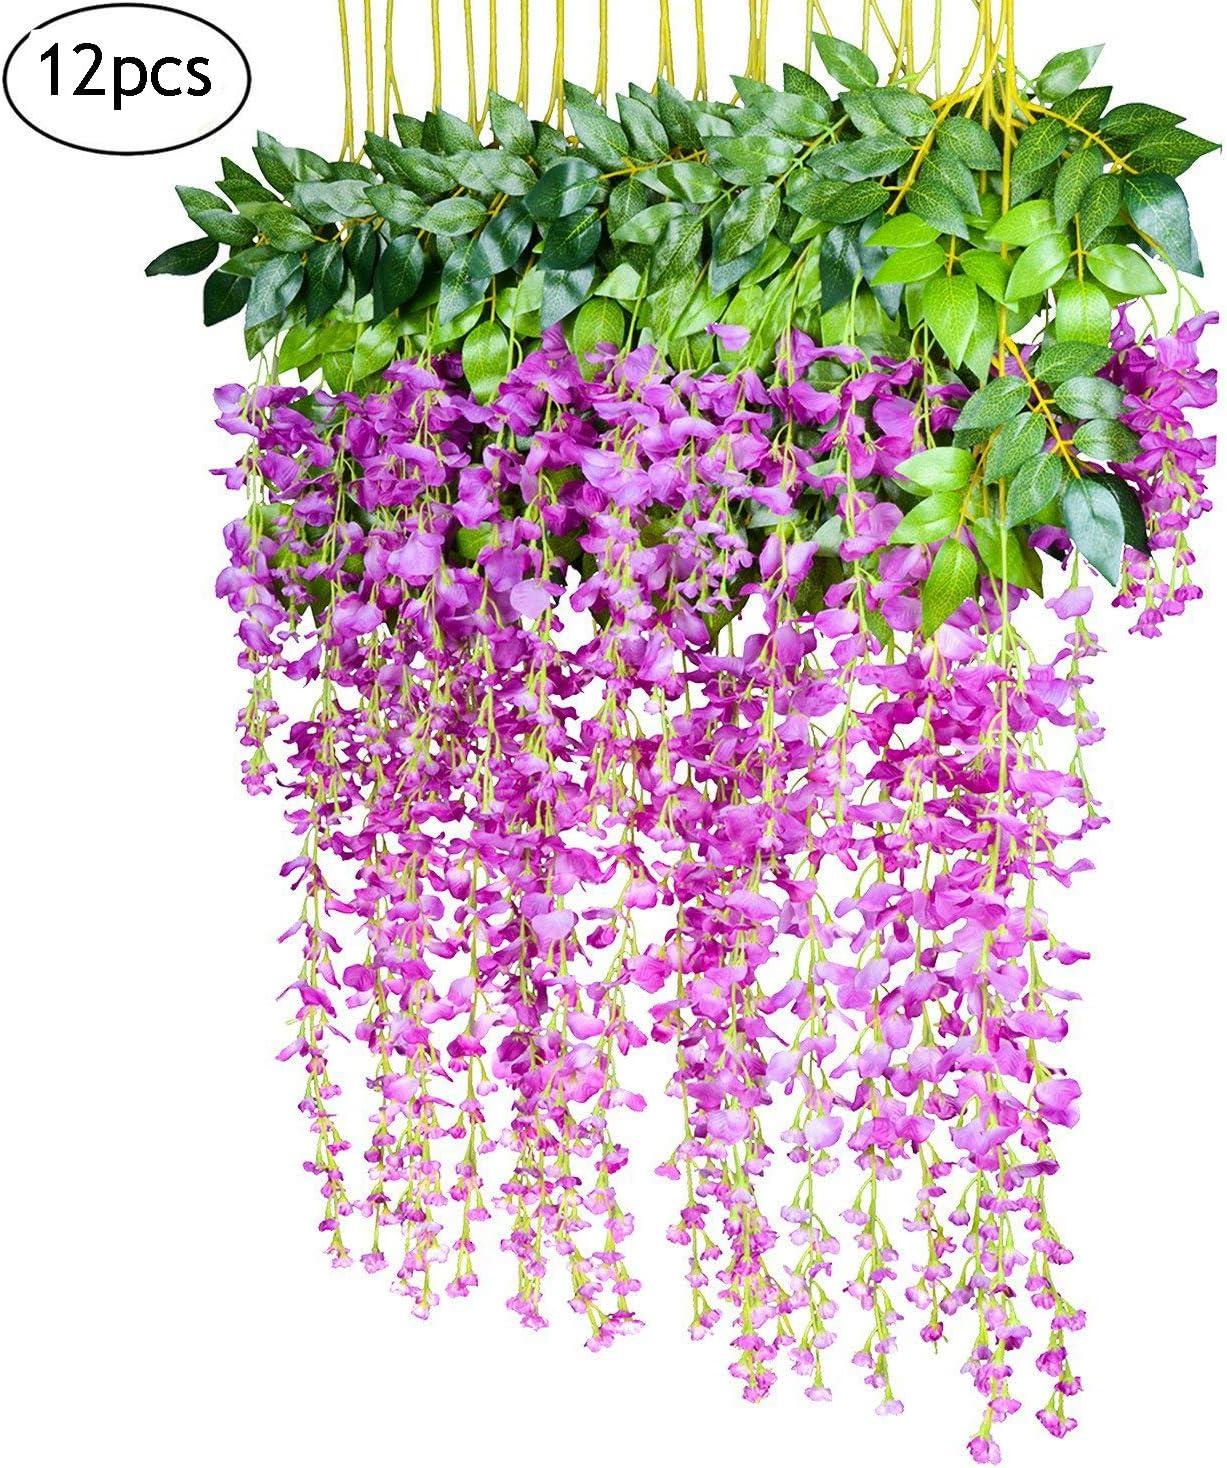 KEISL 12 Piezas de Flores Artificiales, 110 cm, glicinia de Seda para Colgar Flores de ratta para Bodas, Jardines, Flores, Bricolaje, Sala de Estar, Oficina, decoración: Amazon.es: Hogar